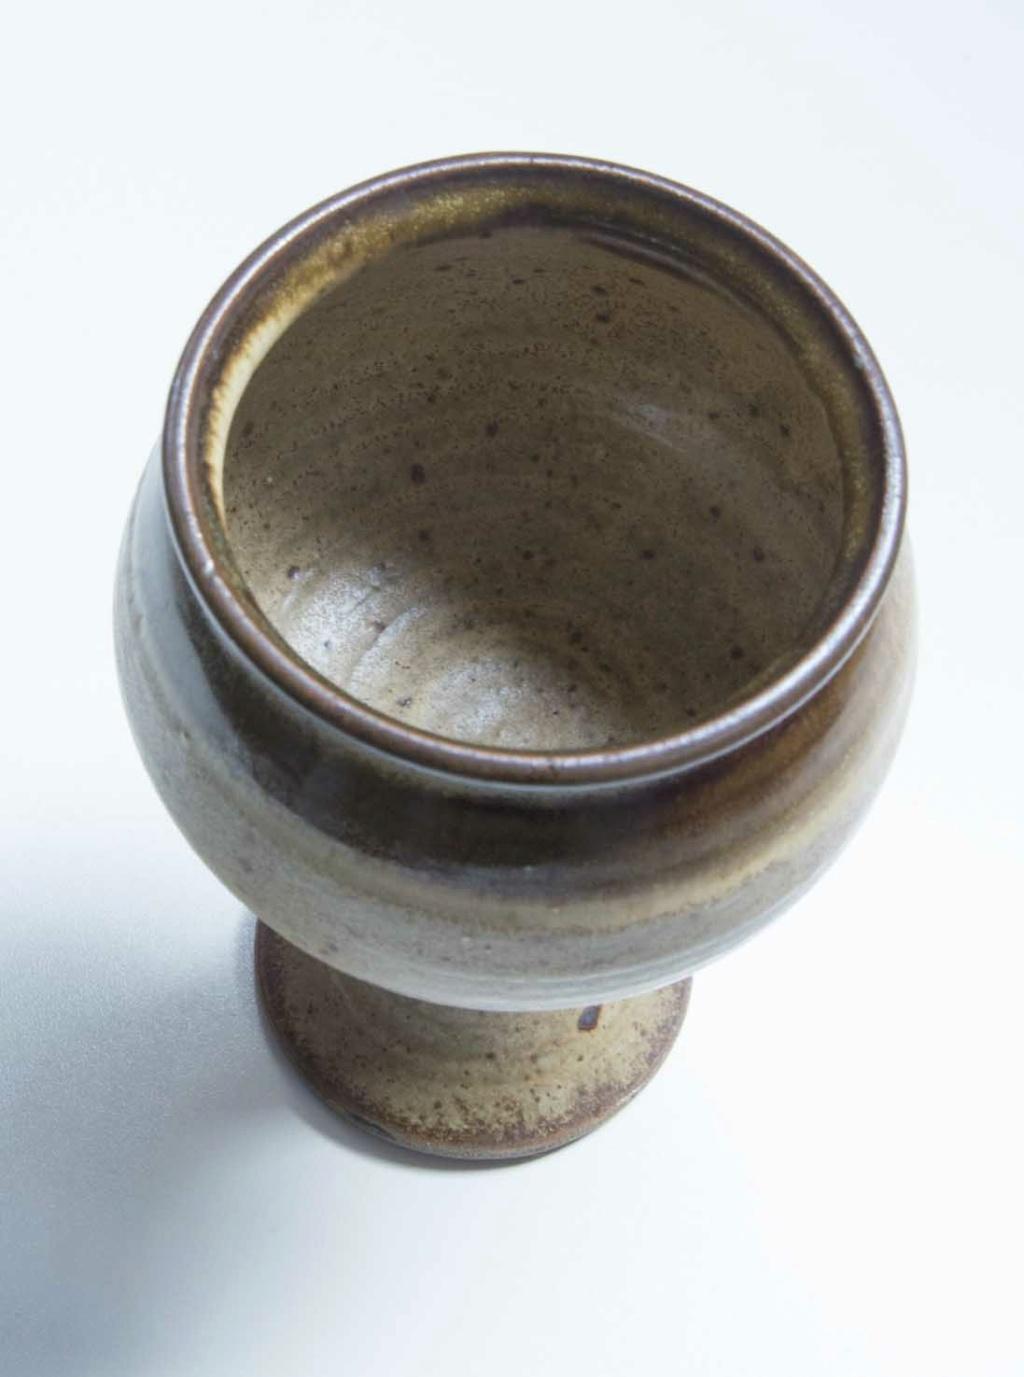 Large Goblet (or not) - unmarked Goblet11